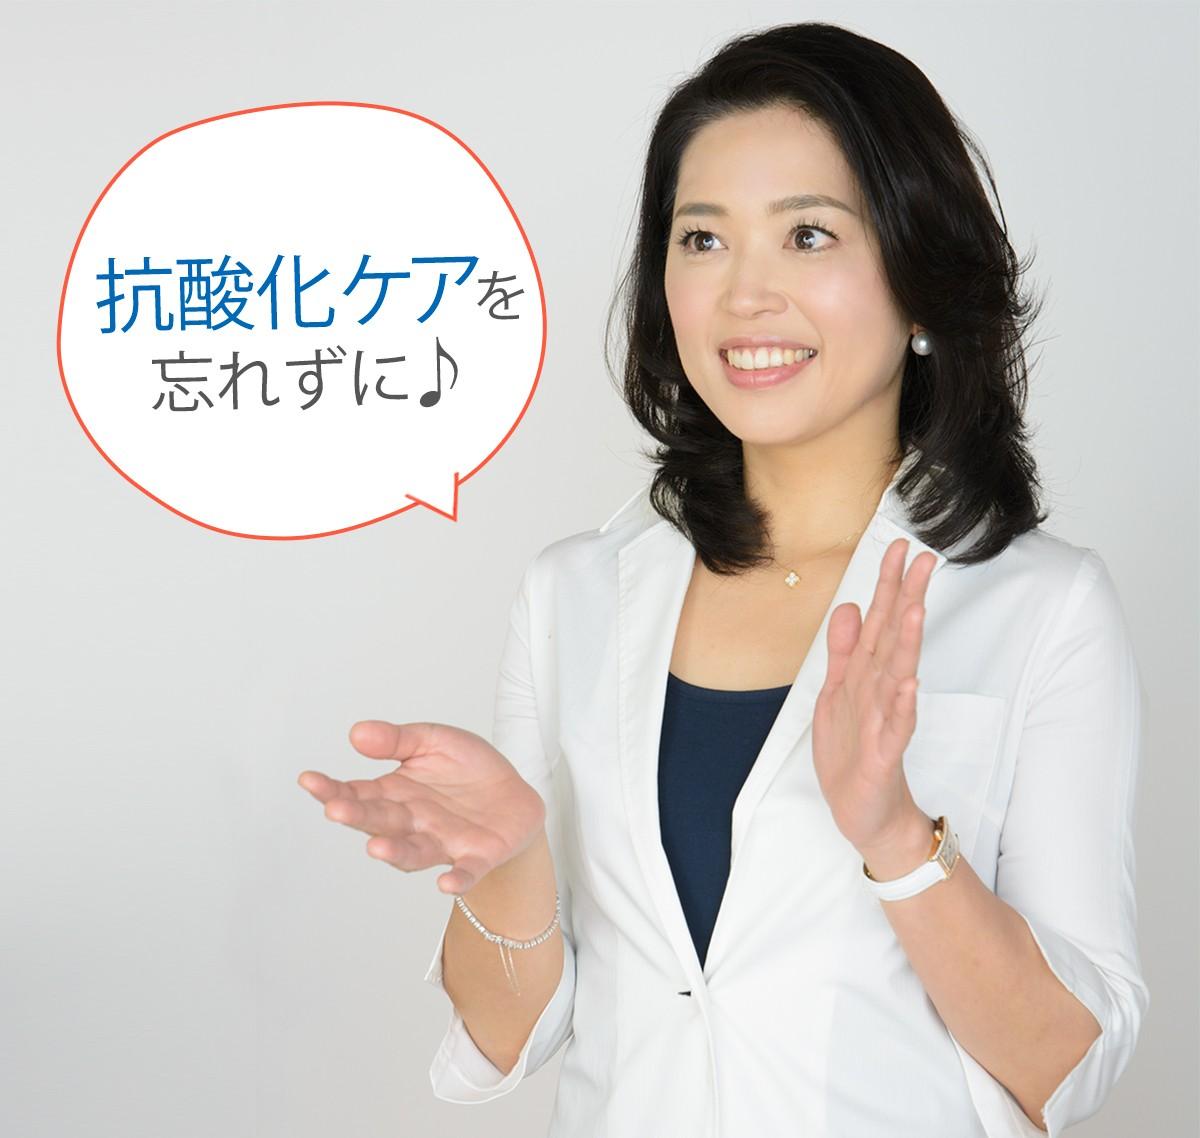 モテ♡ボディづくりに有酸素運動は大敵って本当!?